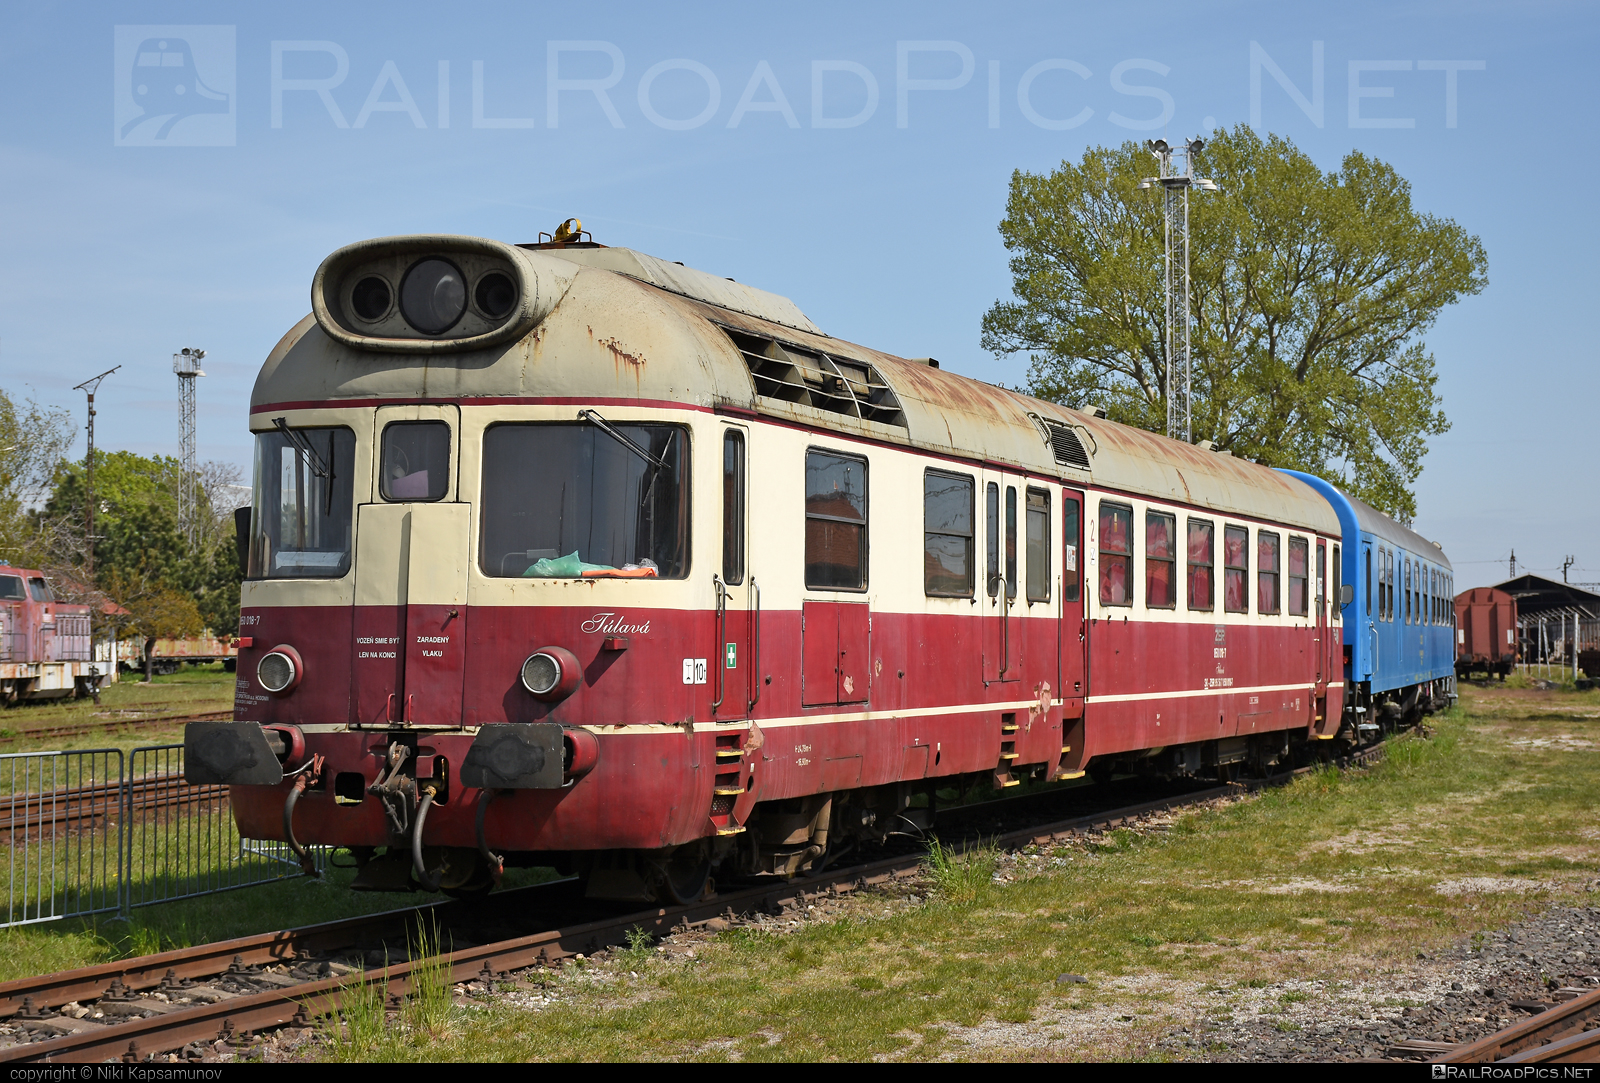 Vagónka TATRA Studénka M 286.0 - 850 018-7 operated by Železnice Slovenskej Republiky #csd850 #csdm286 #m286 #tulava #vagonkastudenka #vagonkatatrastudenka #zelezniceslovenskejrepubliky #zsr